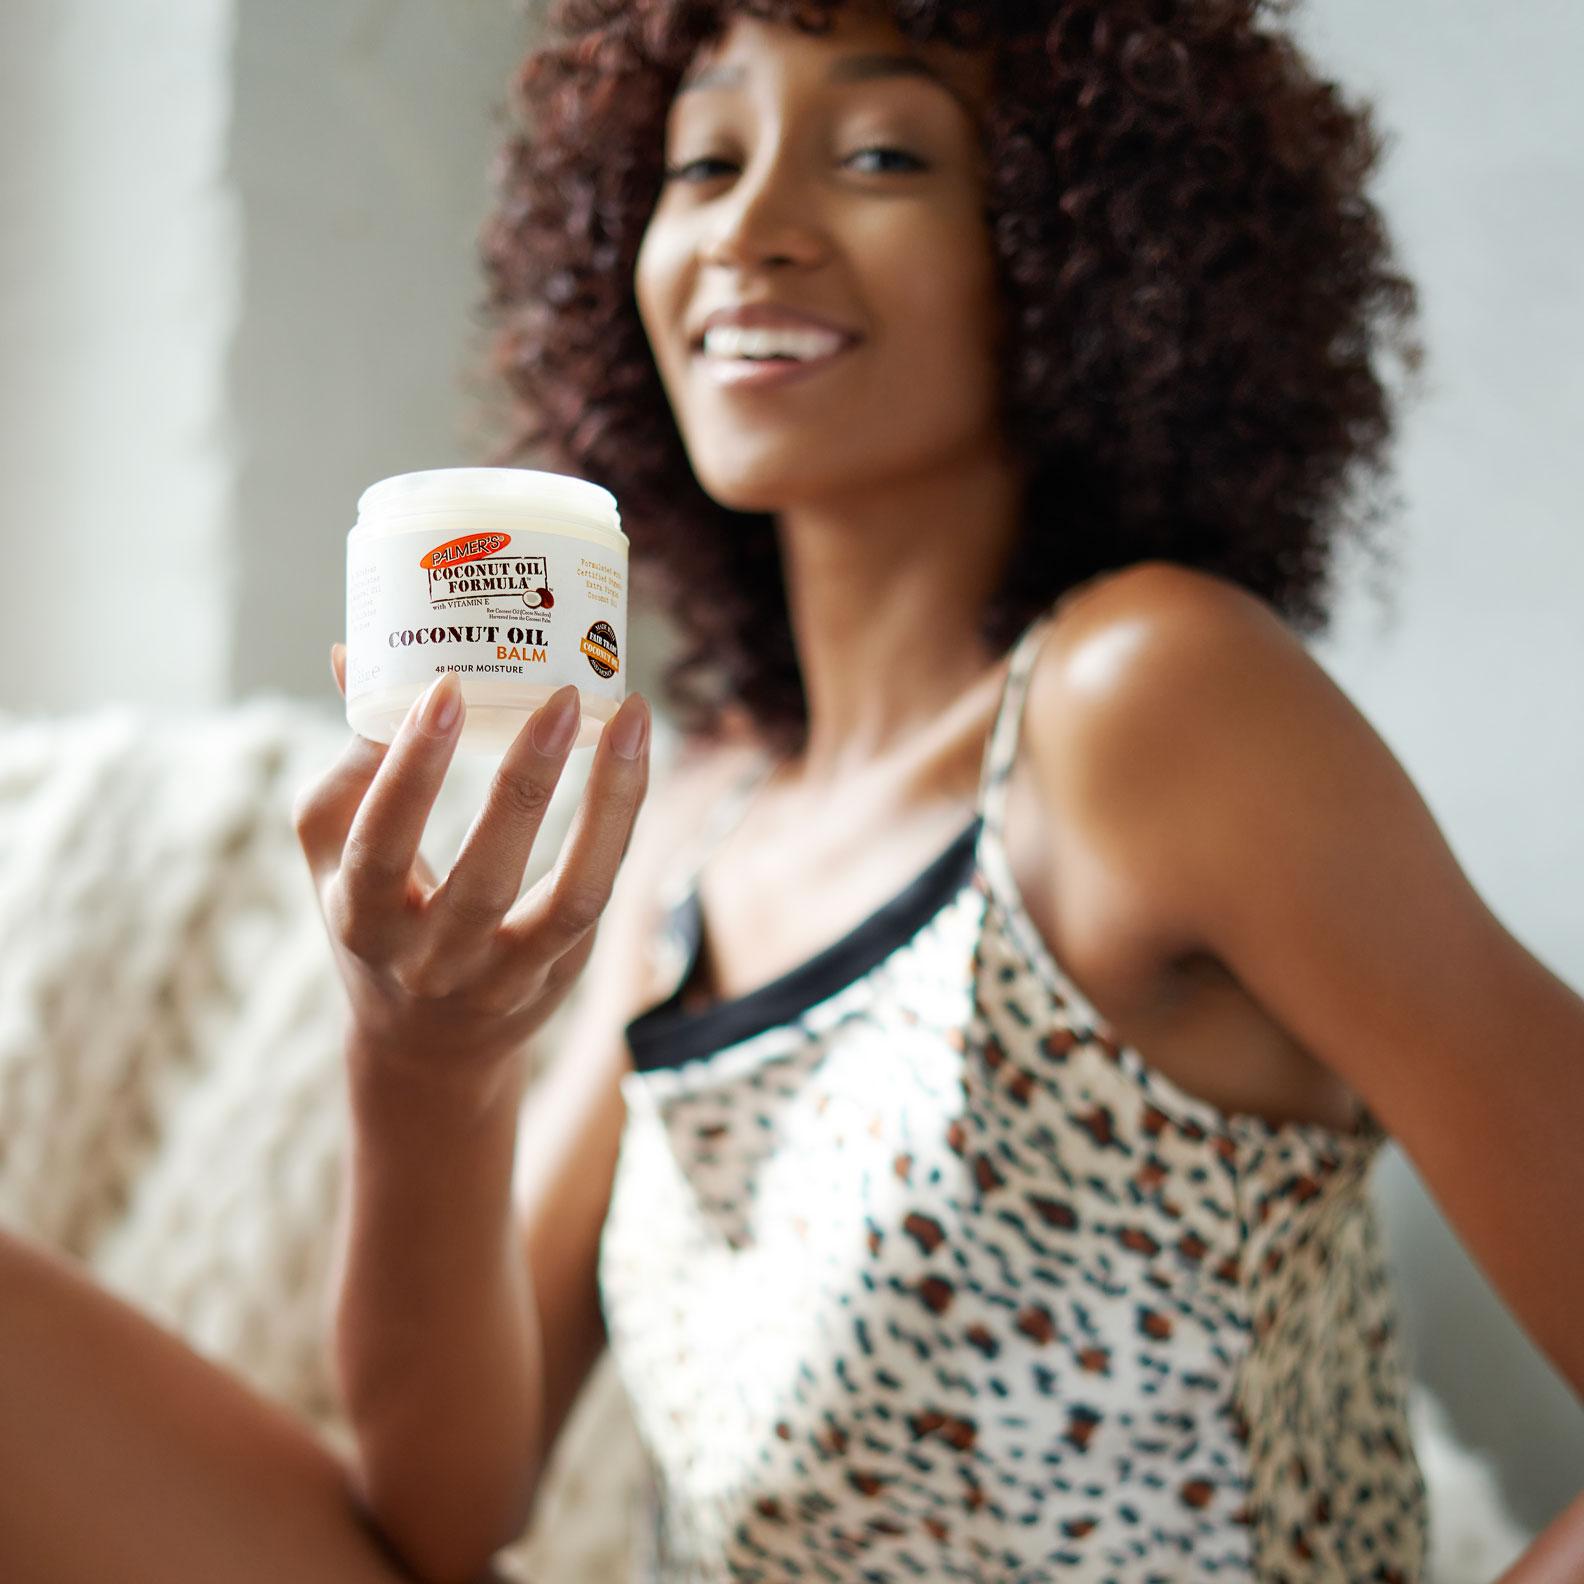 帕爾默的椰子油香脂在黑人婦女的手裡被關押